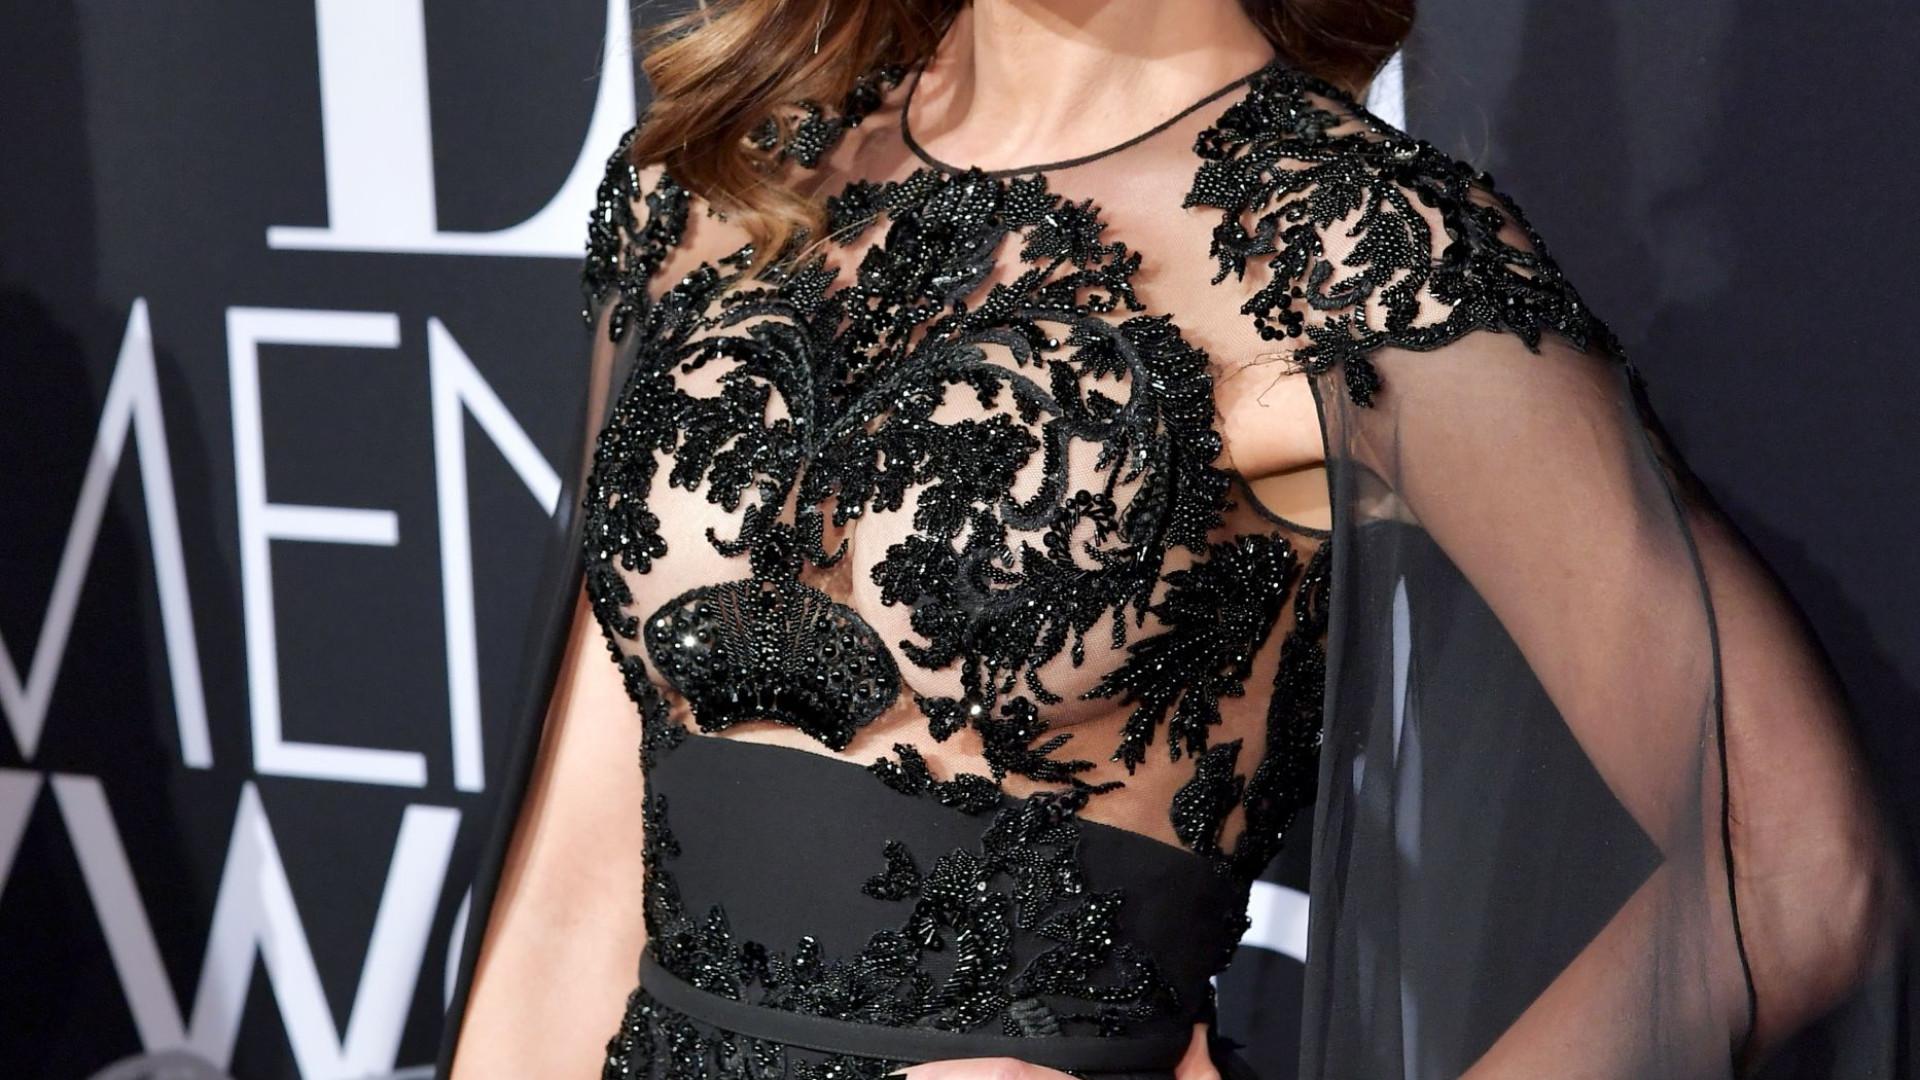 Após assumir namoro, Kate Beckinsale 'solta' faceta atrevida no Instagram